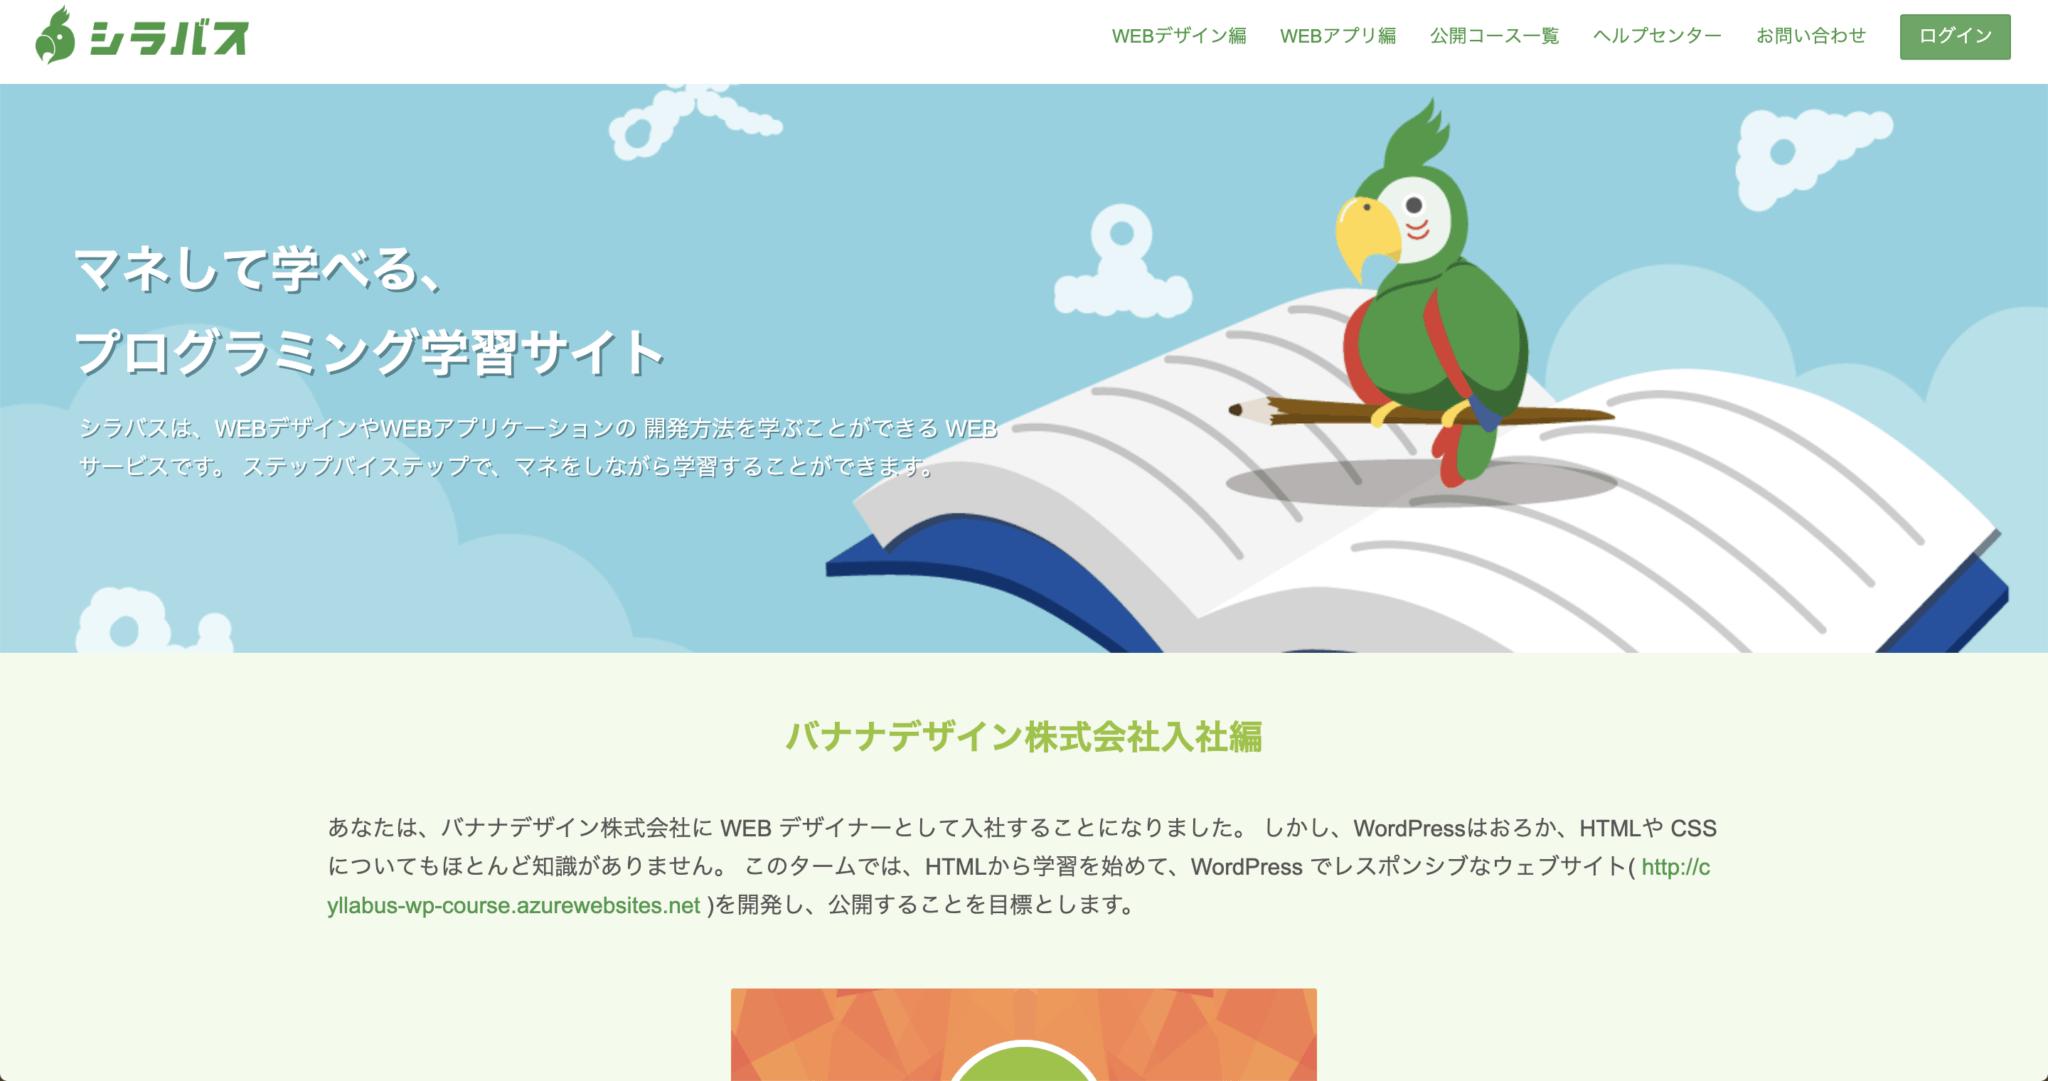 シラバスtop_page